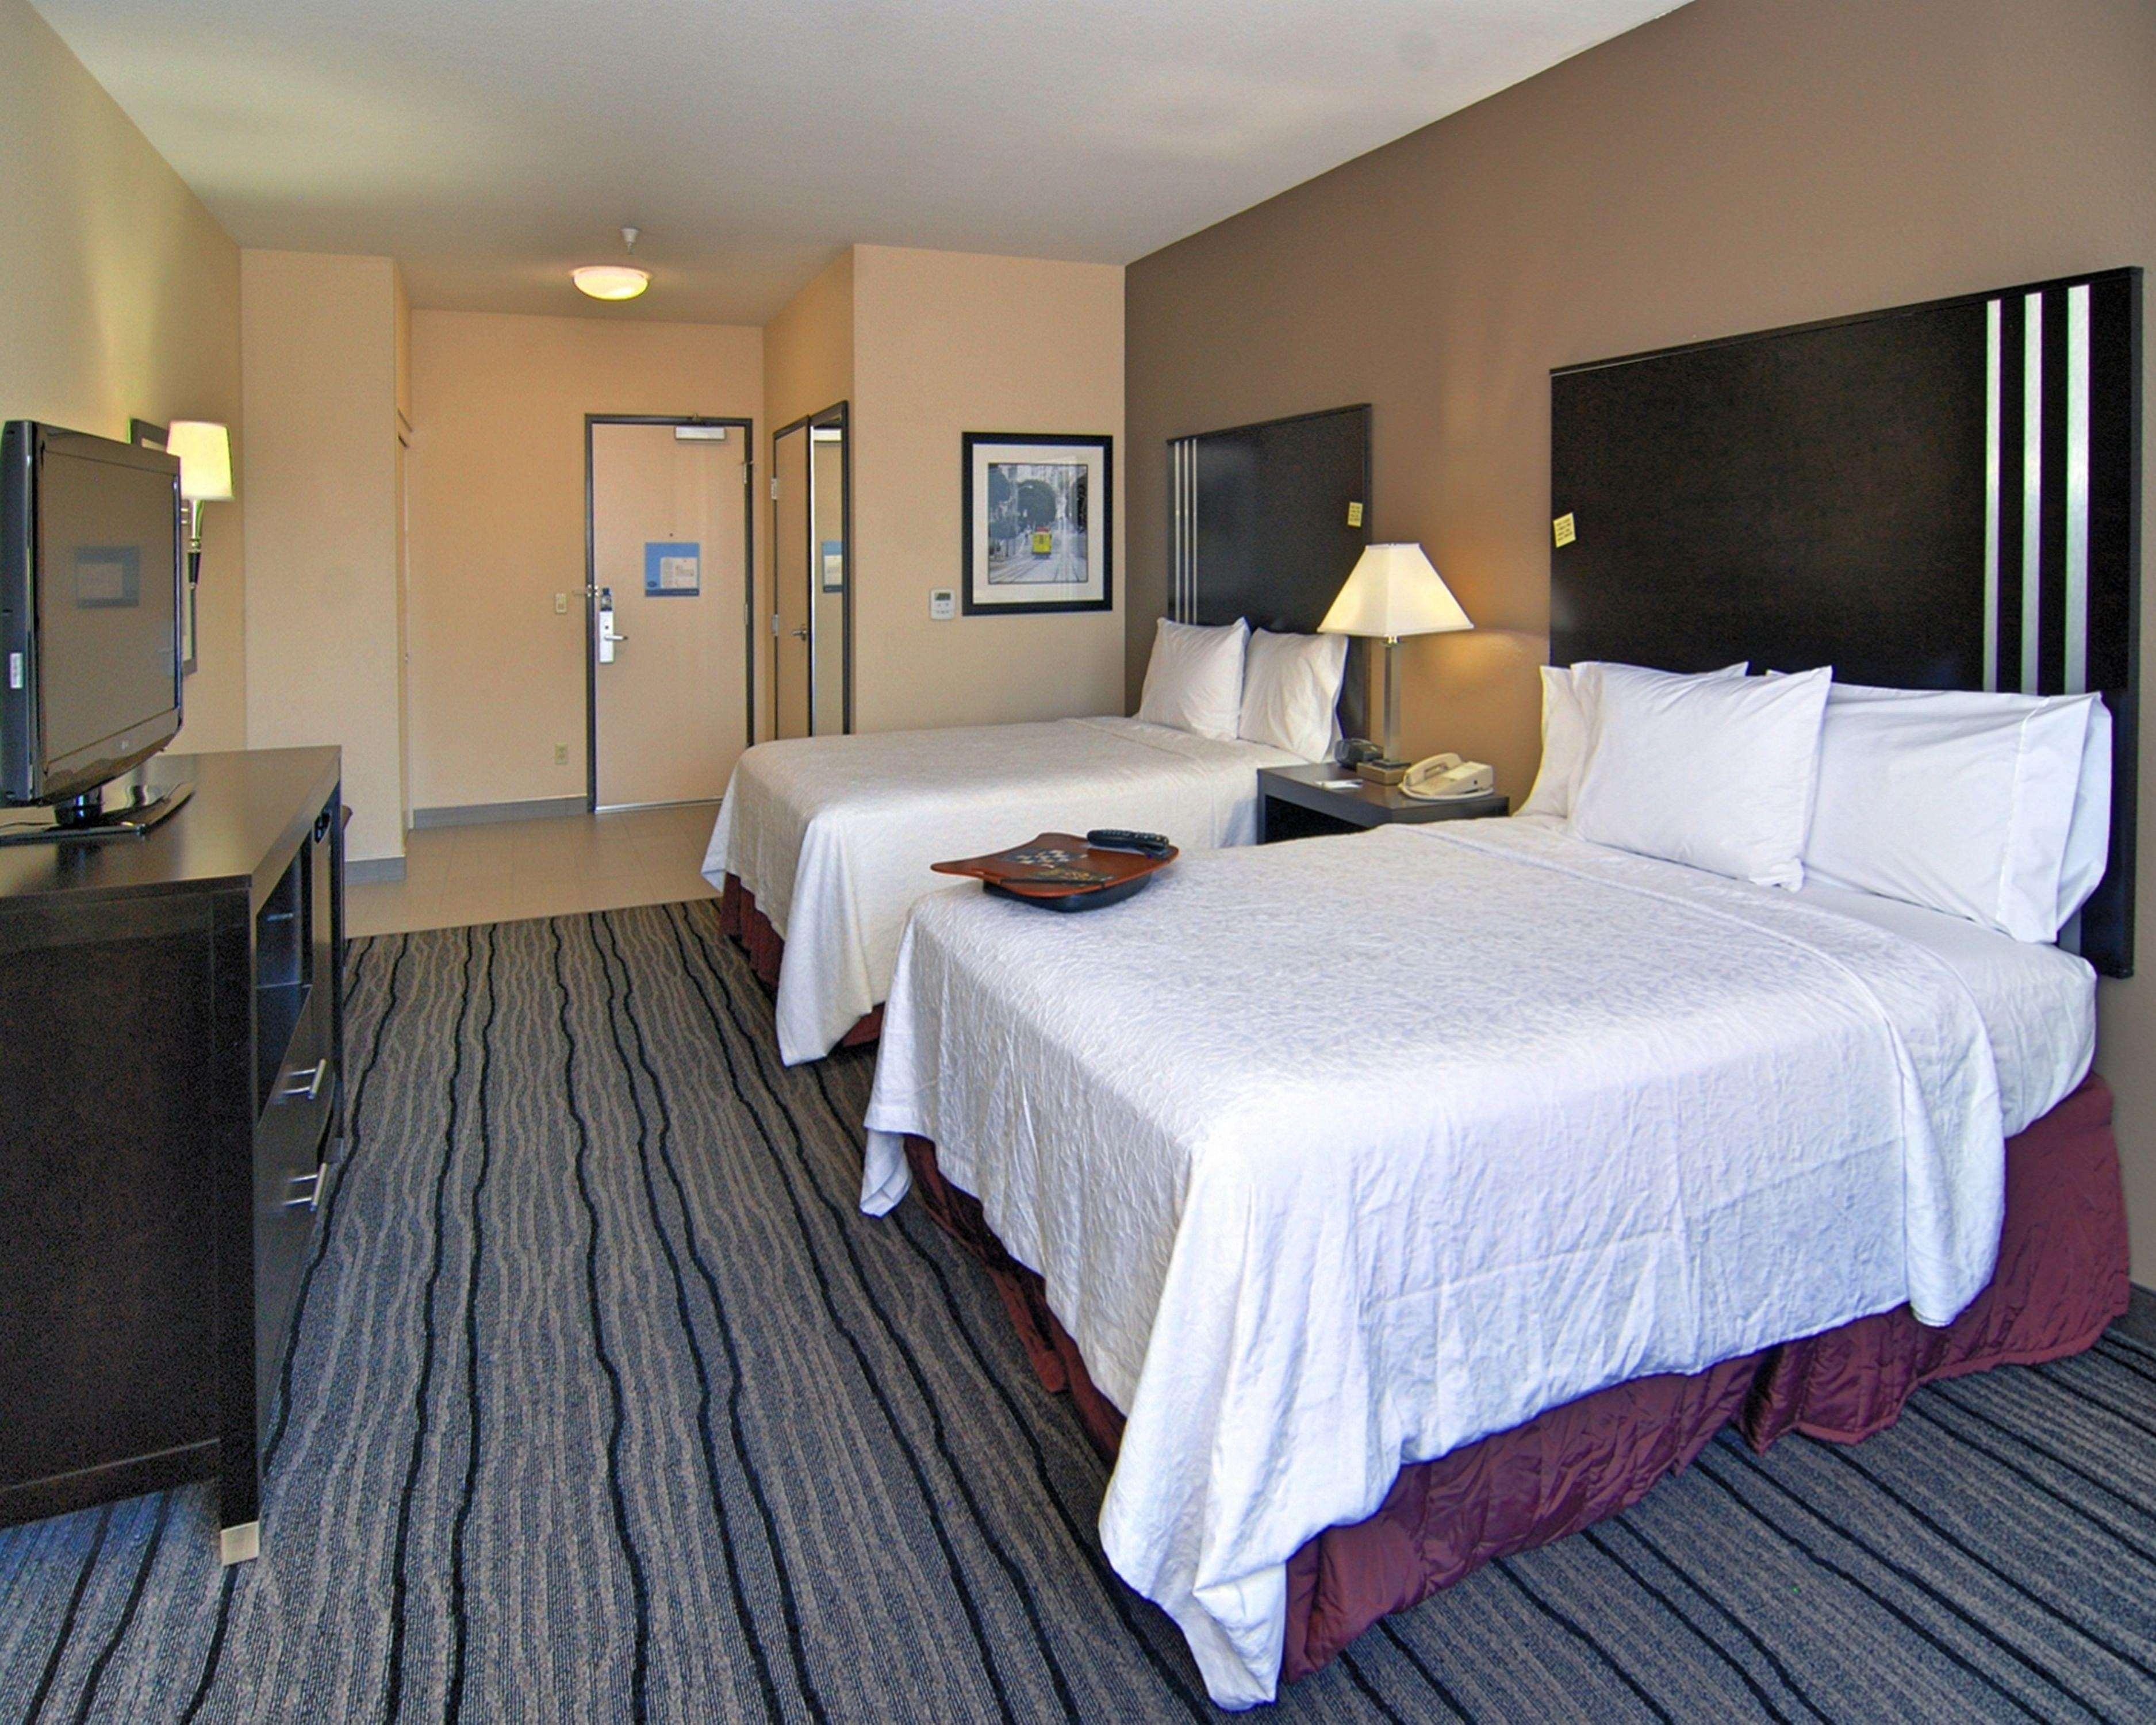 Hampton Inn & Suites Mountain View image 12